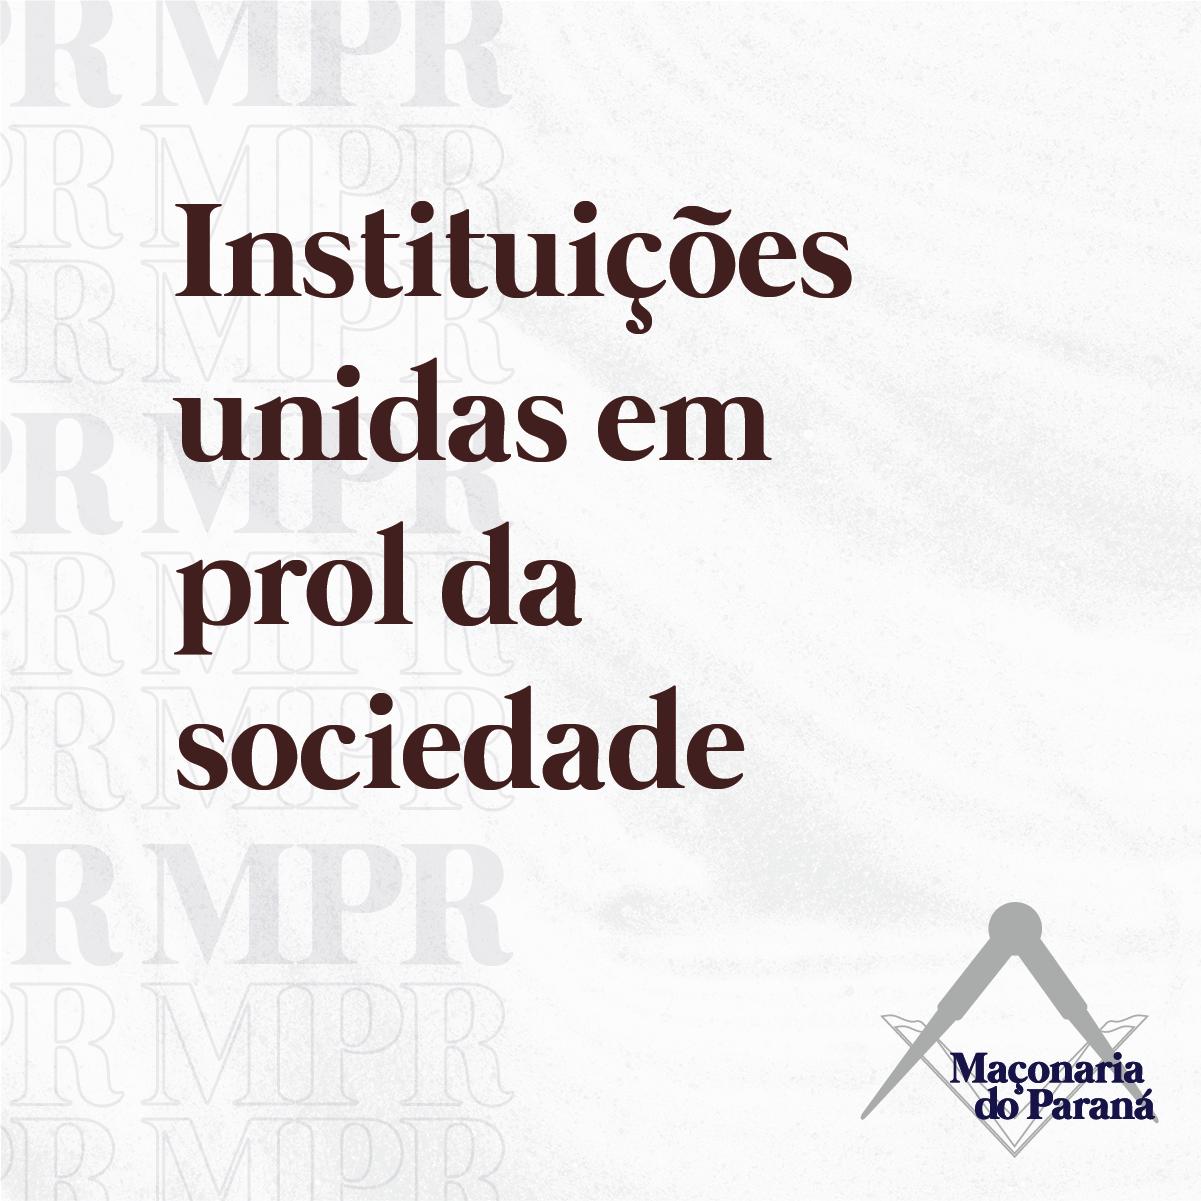 Maçonaria no Paraná: contribuições para a Sociedade